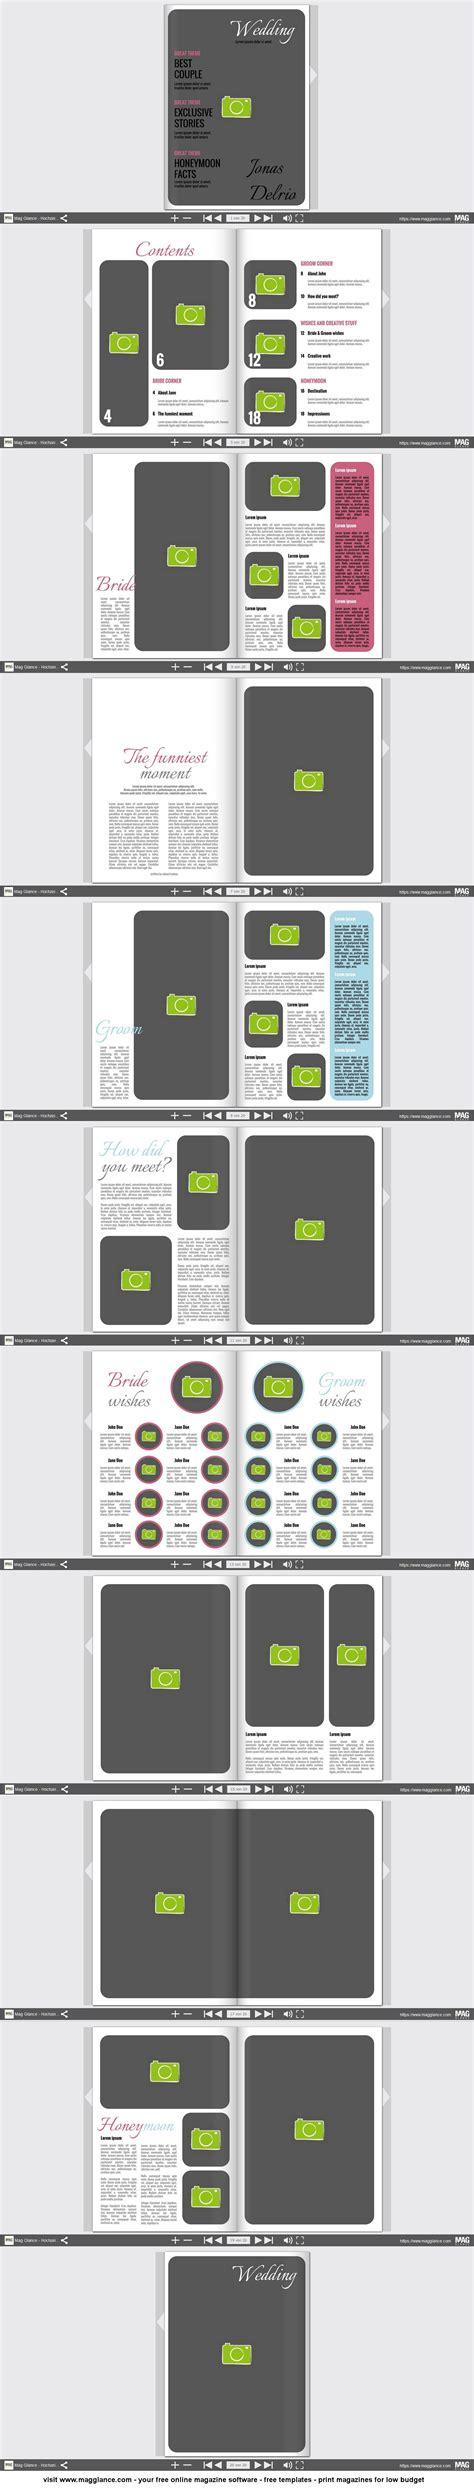 Design Hochzeitszeitung Vorlage hochzeitszeitung kostenlos erstellen und g 252 nstig drucken unter papierkramm